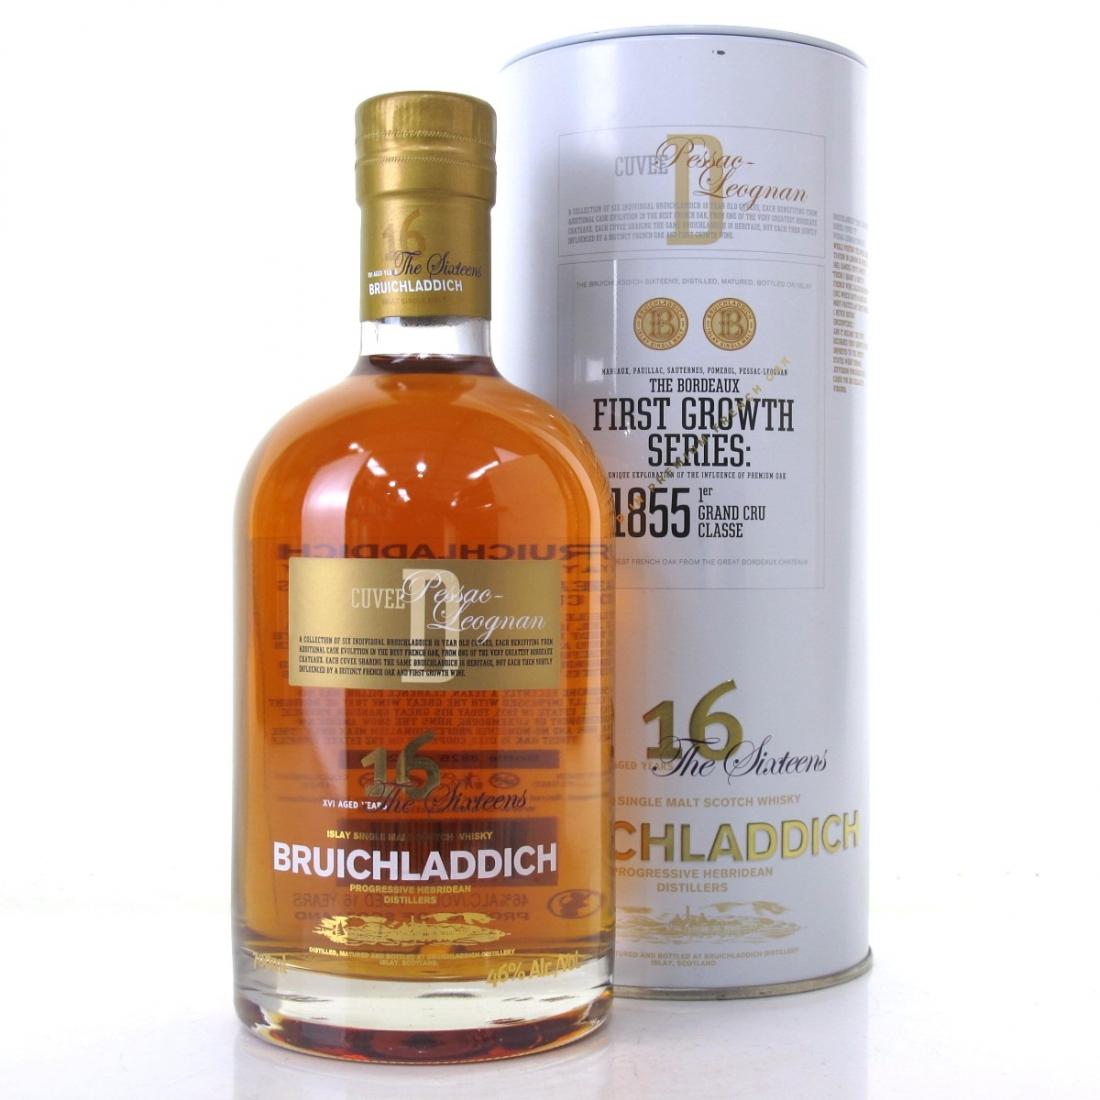 Bruichladdich 16 Year Old Cuvee D / Pessac-Leognan